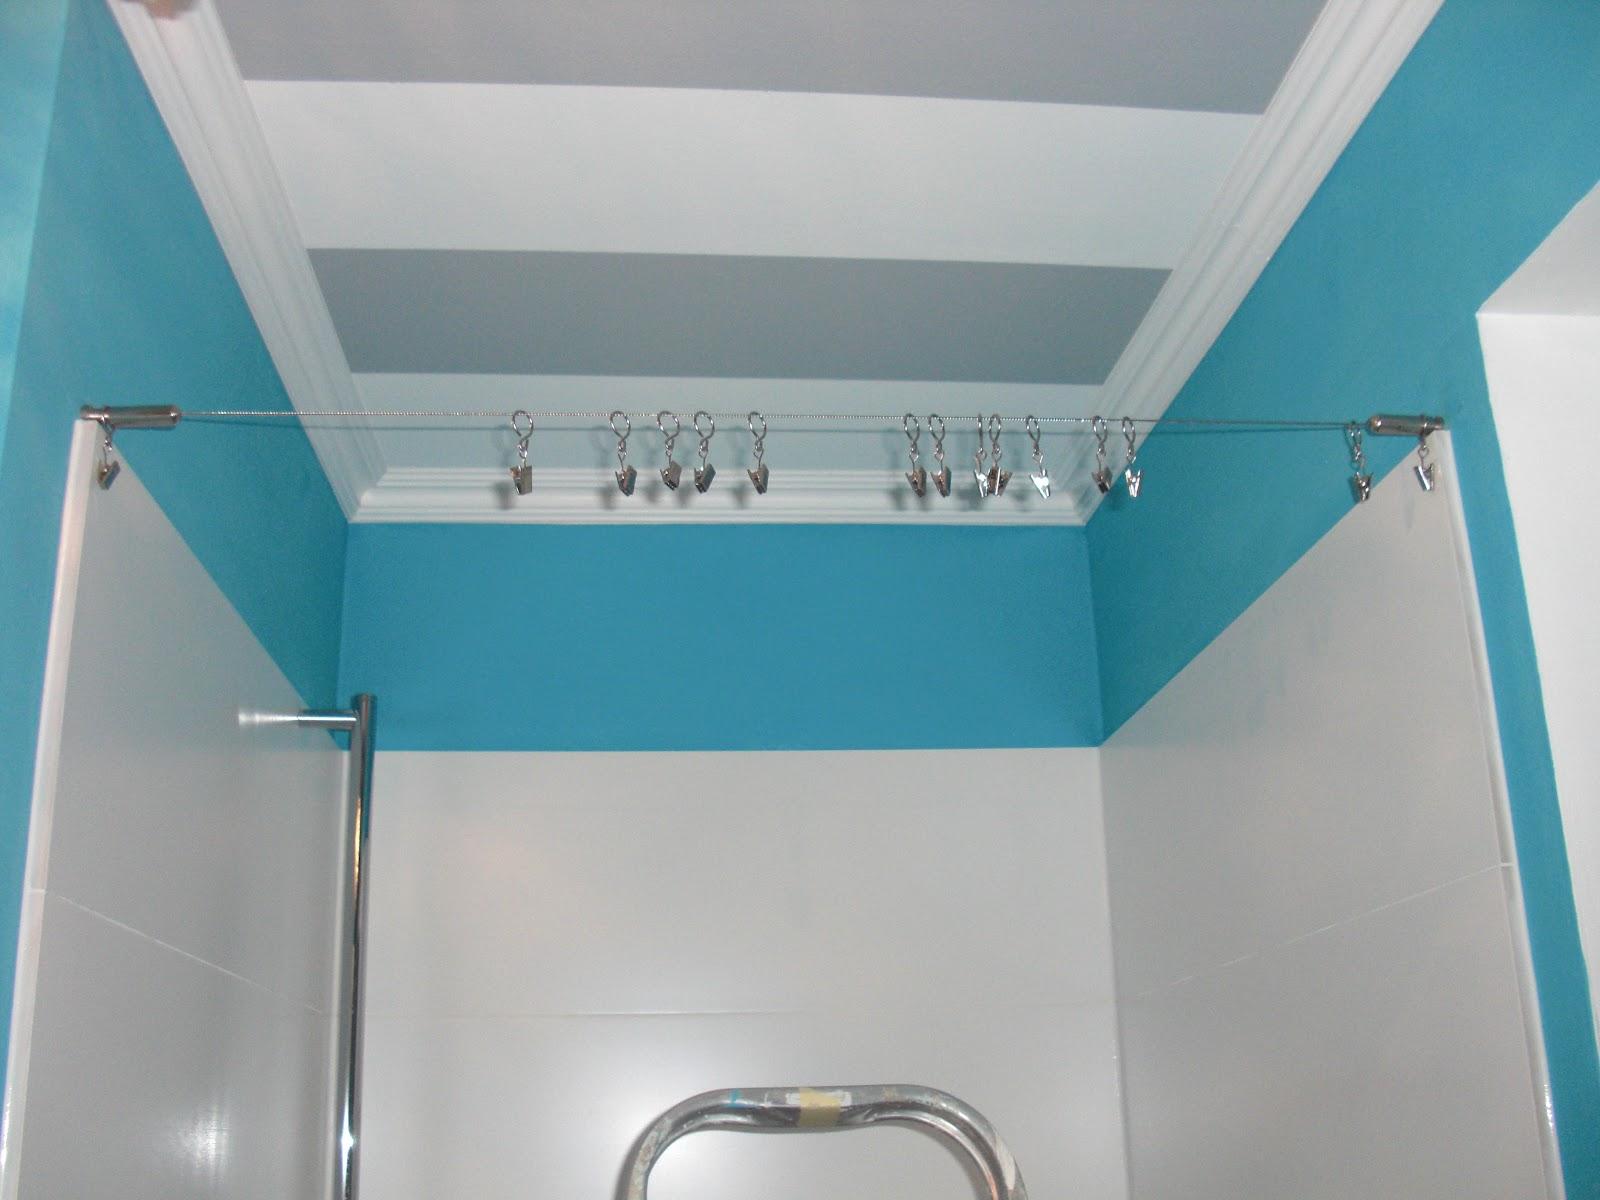 heim elich makeover g stebad duschvorhang. Black Bedroom Furniture Sets. Home Design Ideas